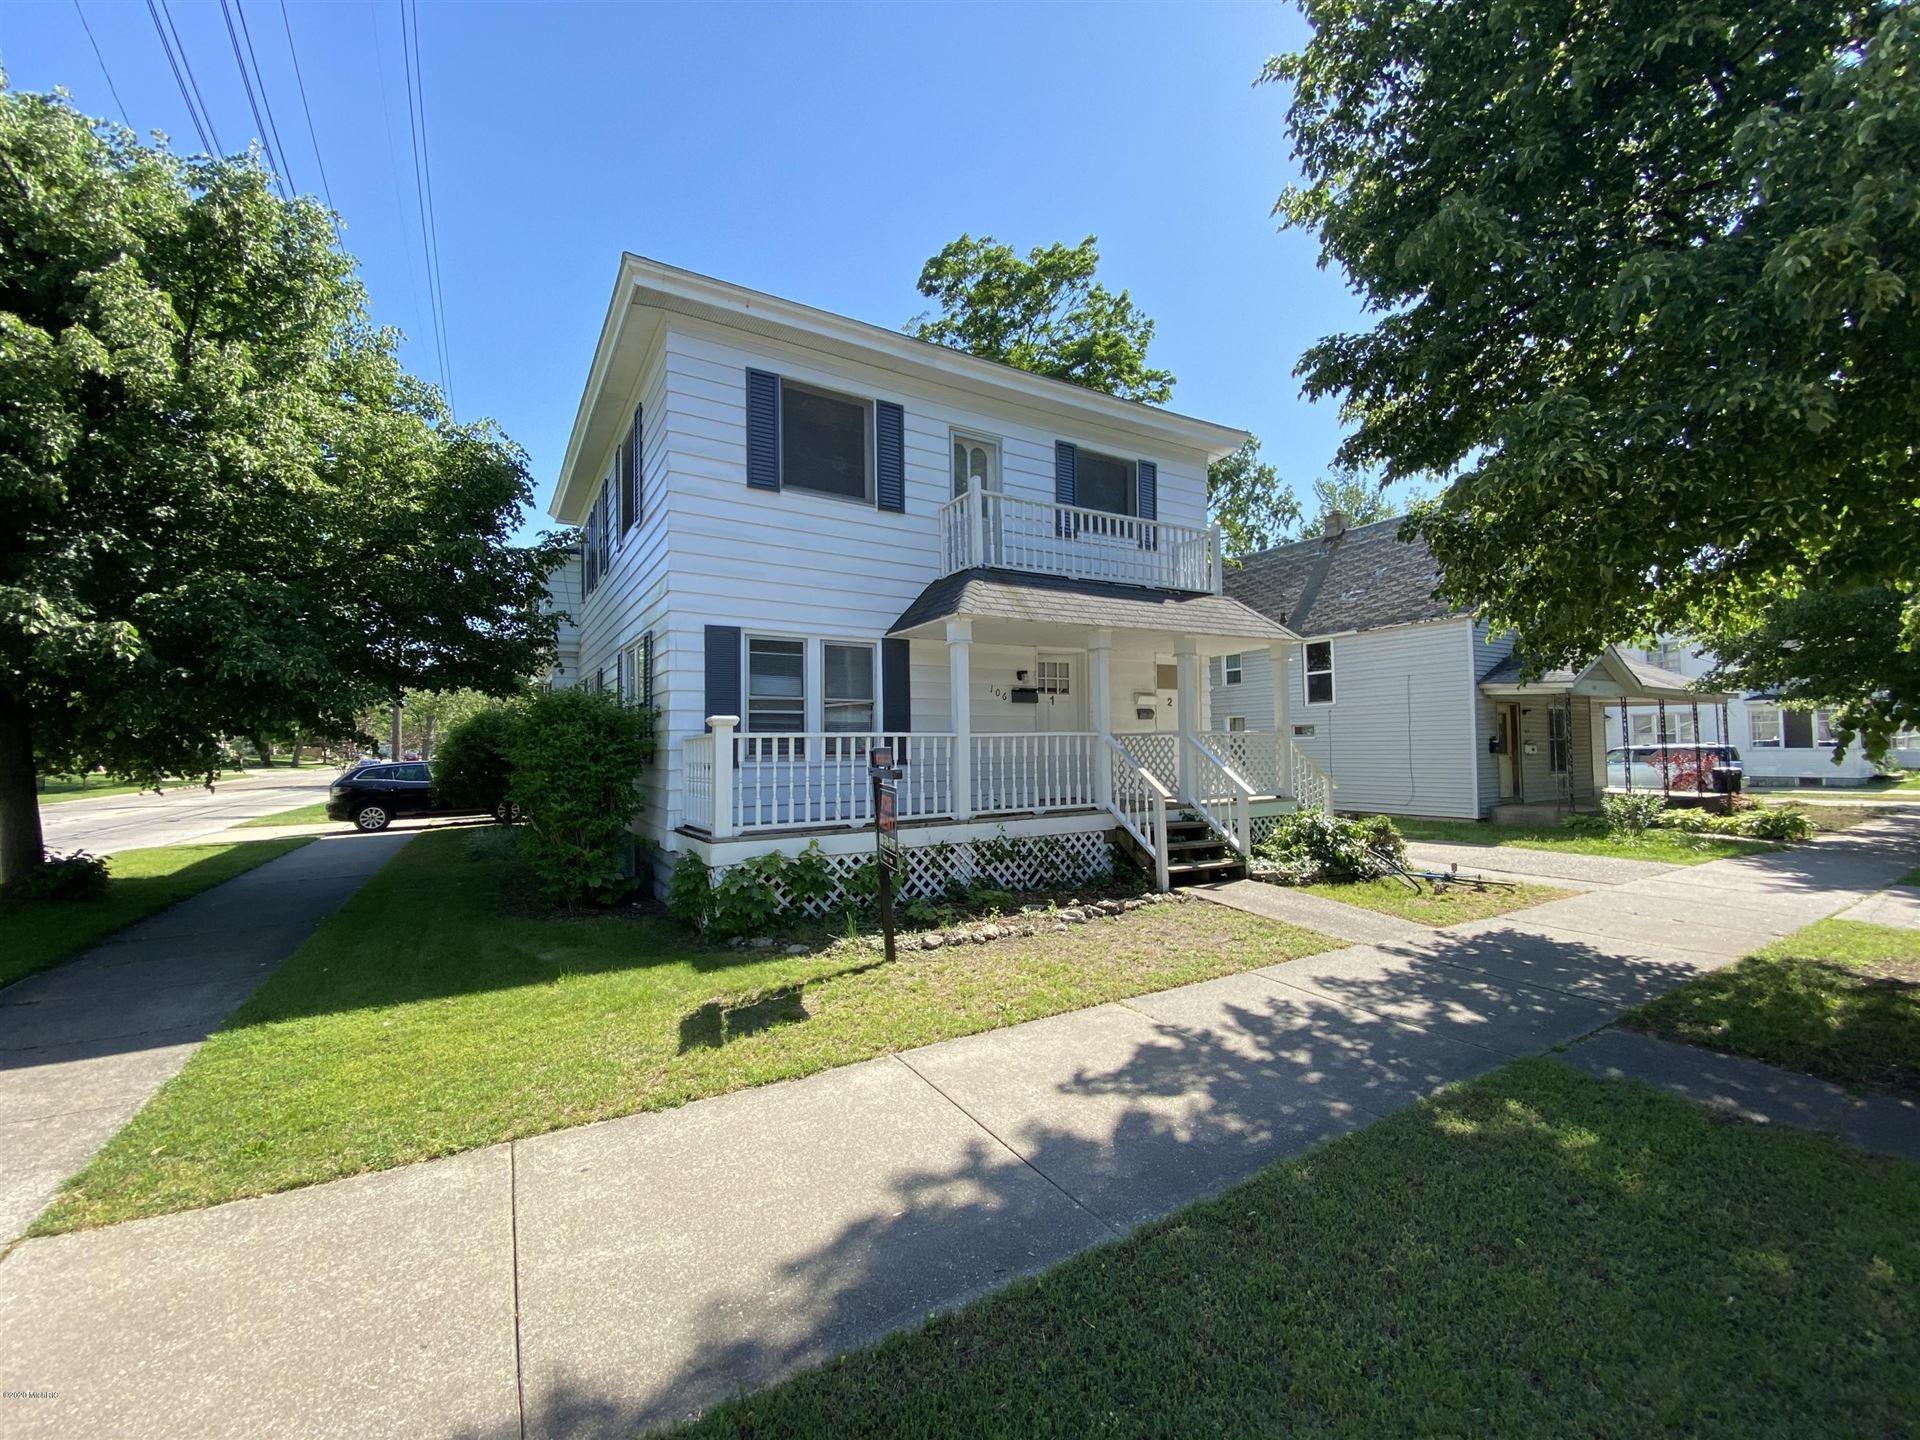 106 W 13th Street, Holland, MI 49423 - MLS#: 20022554